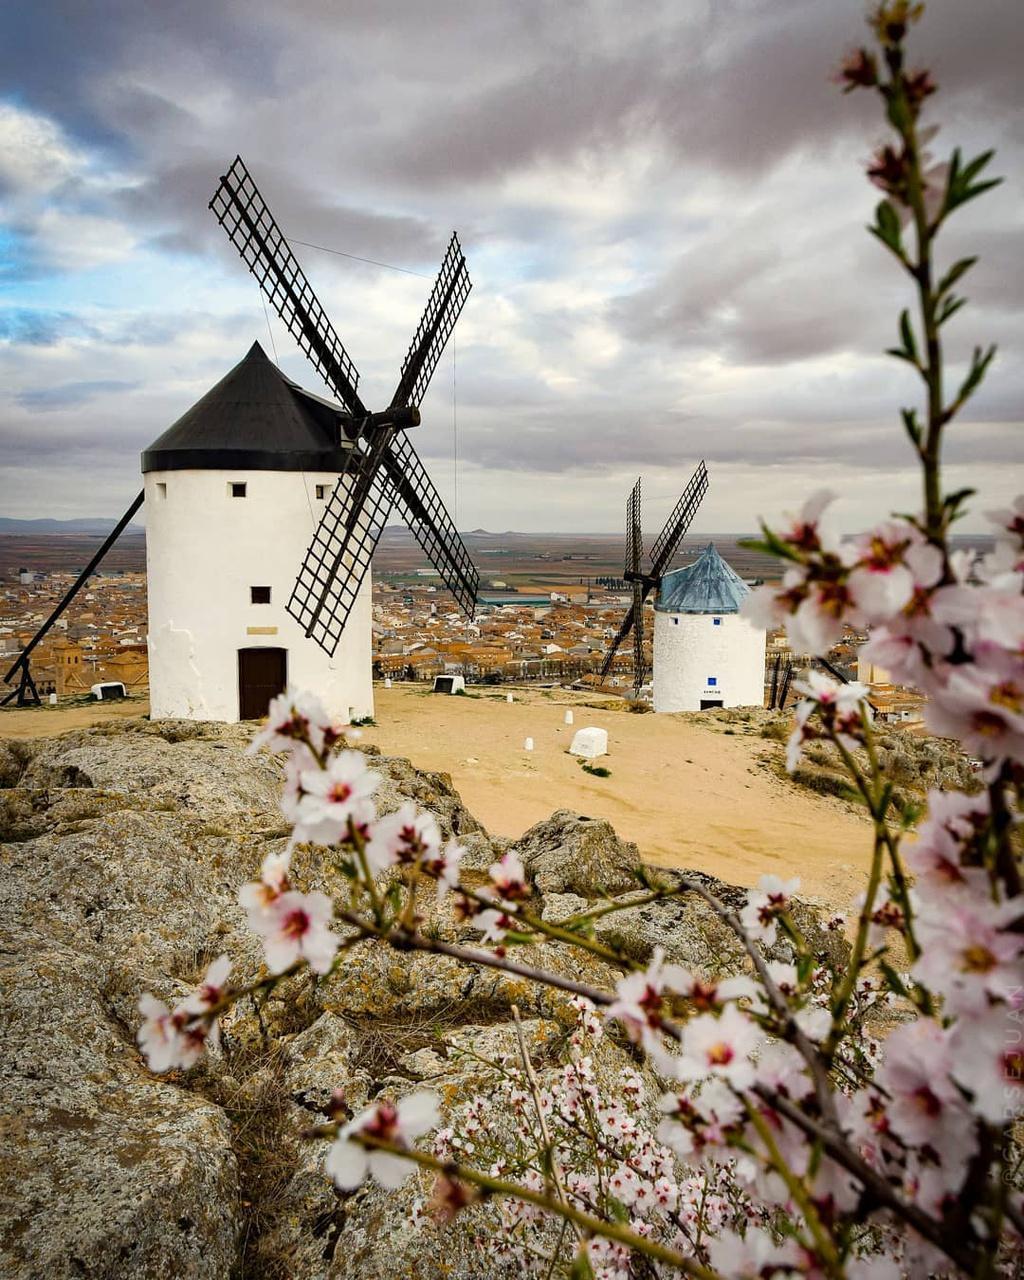 Thiên đường cối xay gió đẹp như tranh vẽ ở Tây Ban Nha Ảnh 4